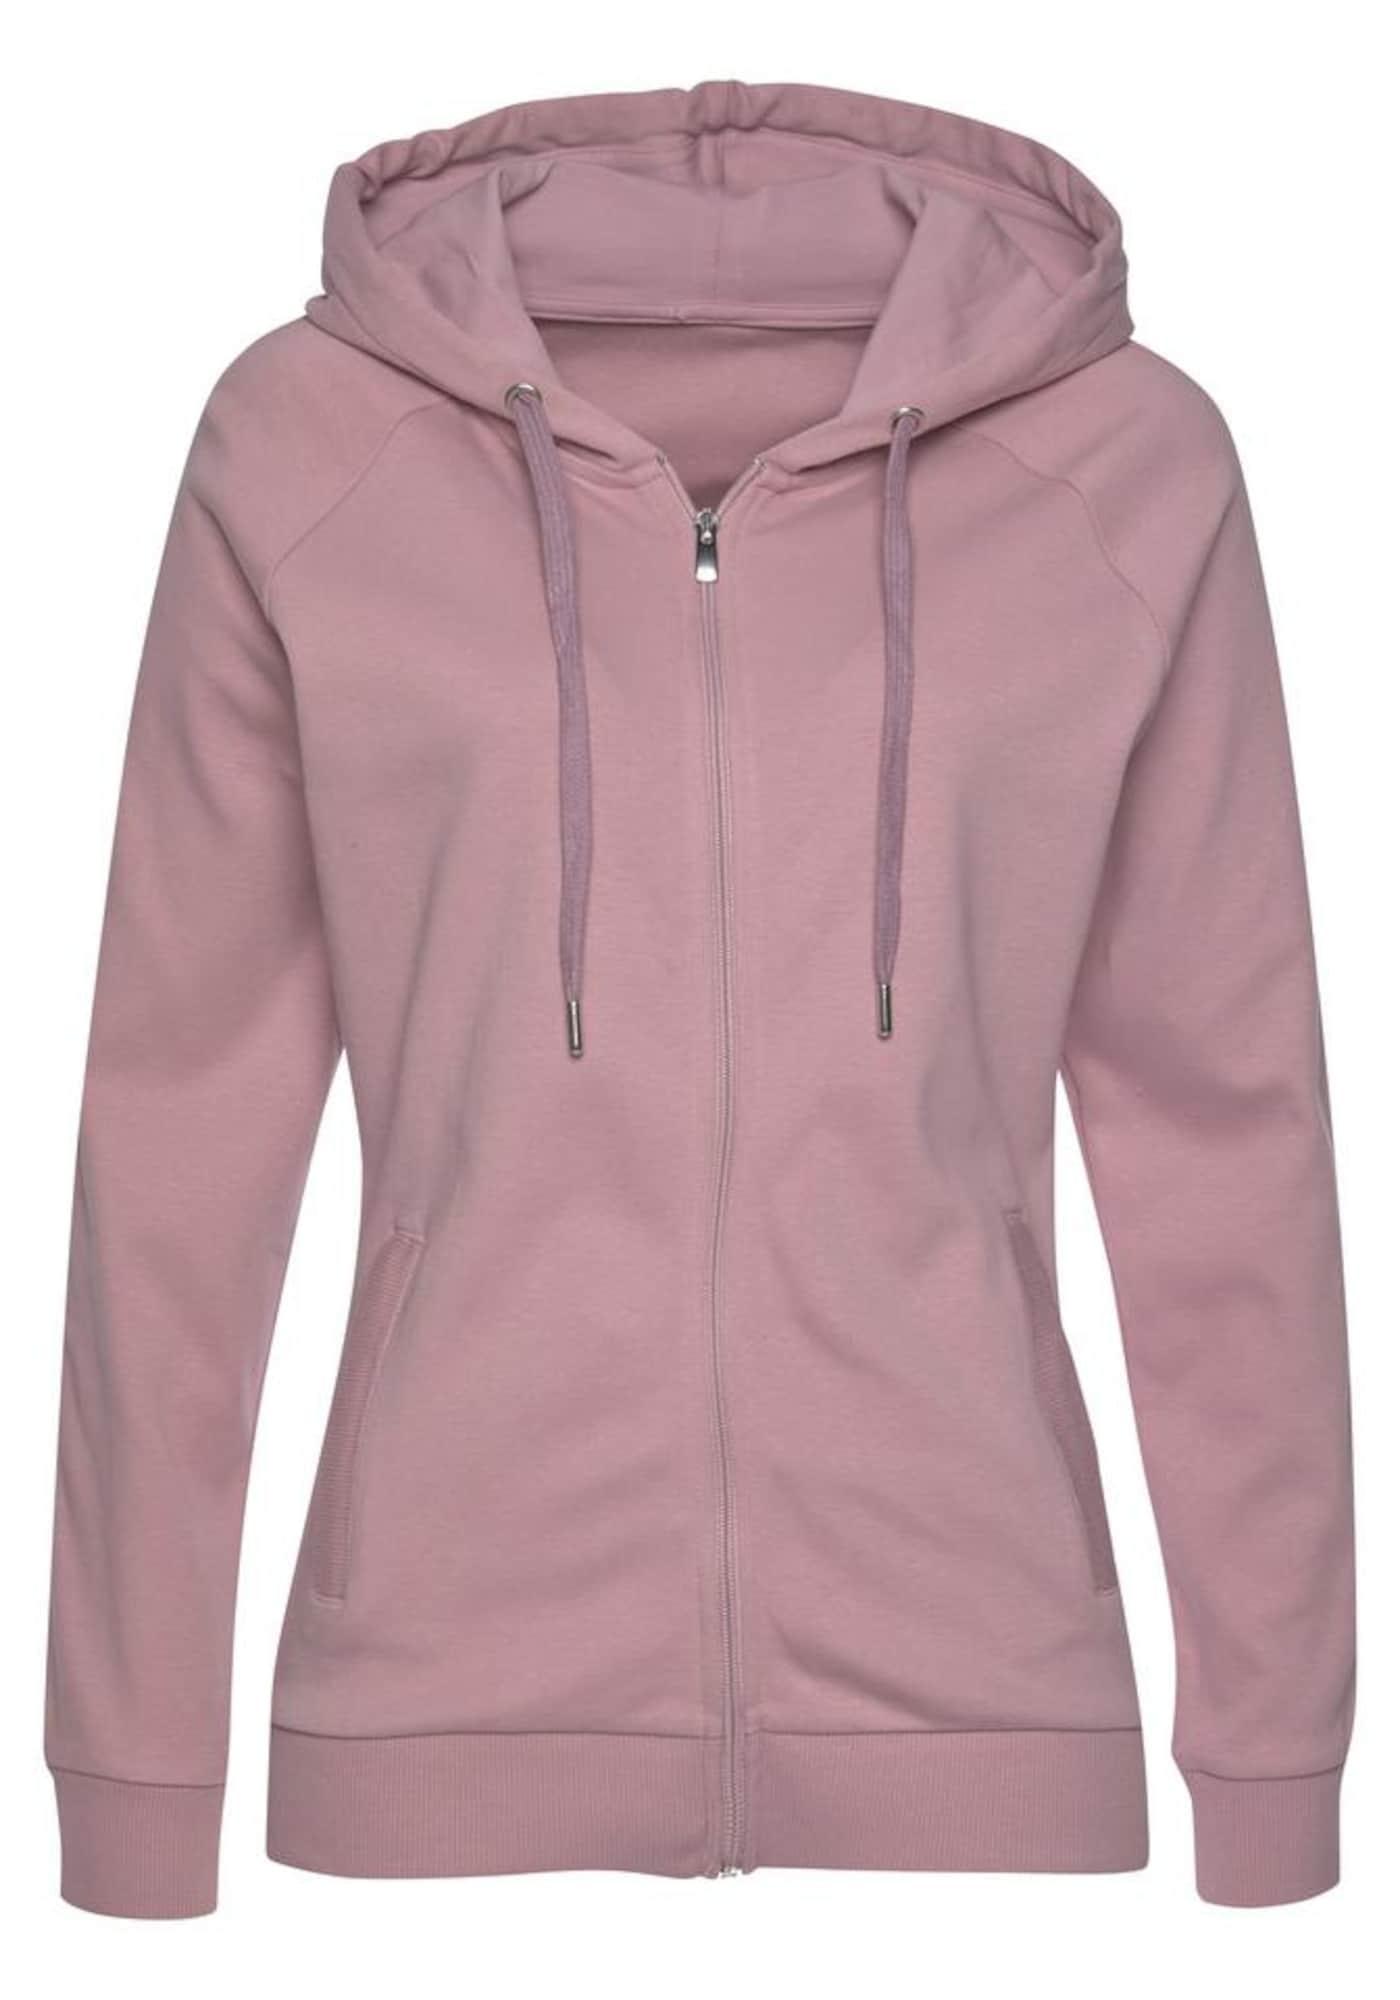 LASCANA ACTIVE Sportinis džemperis ryškiai rožinė spalva